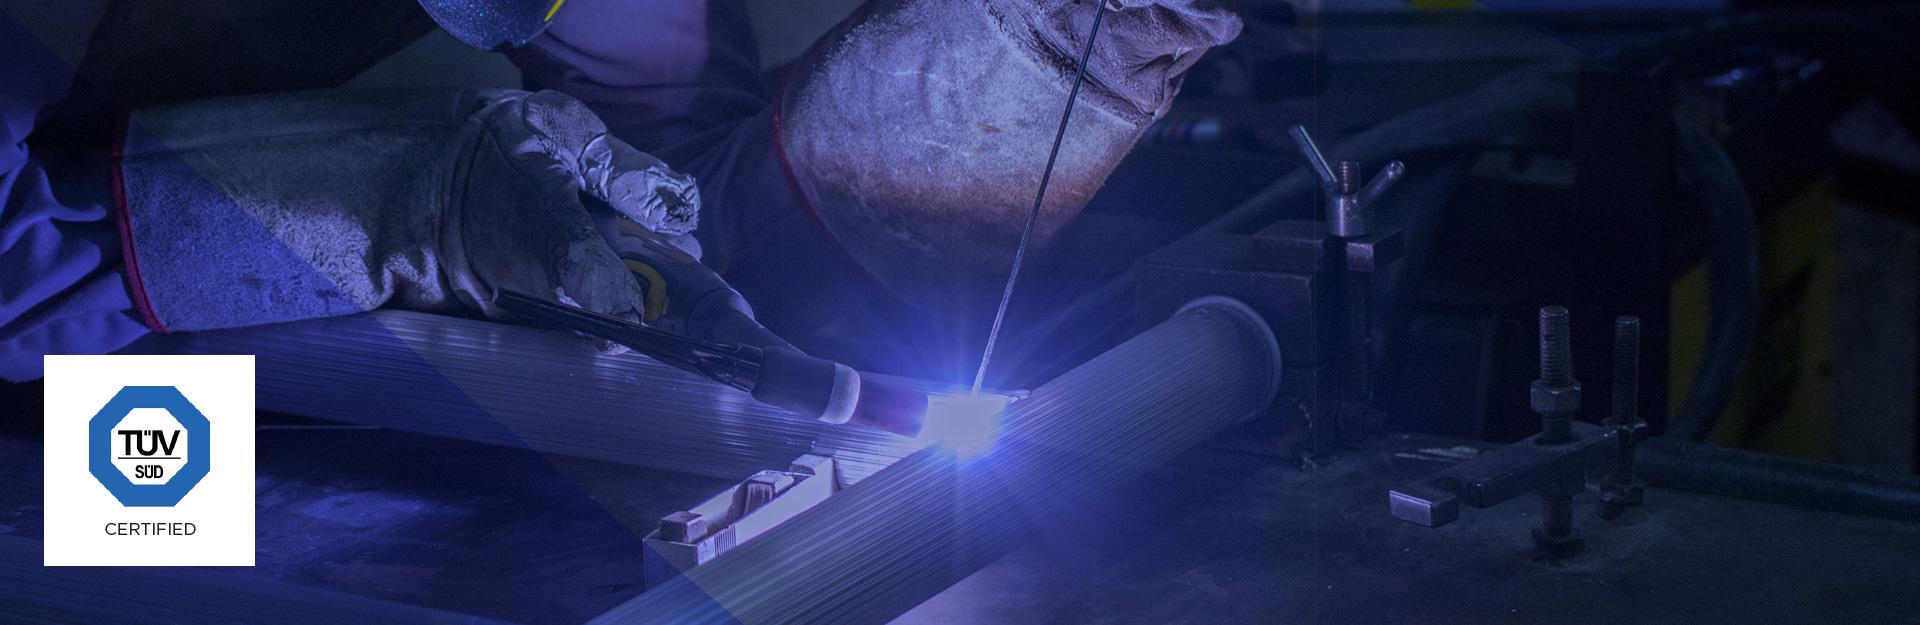 Aluminium Ladders & Scaffolding